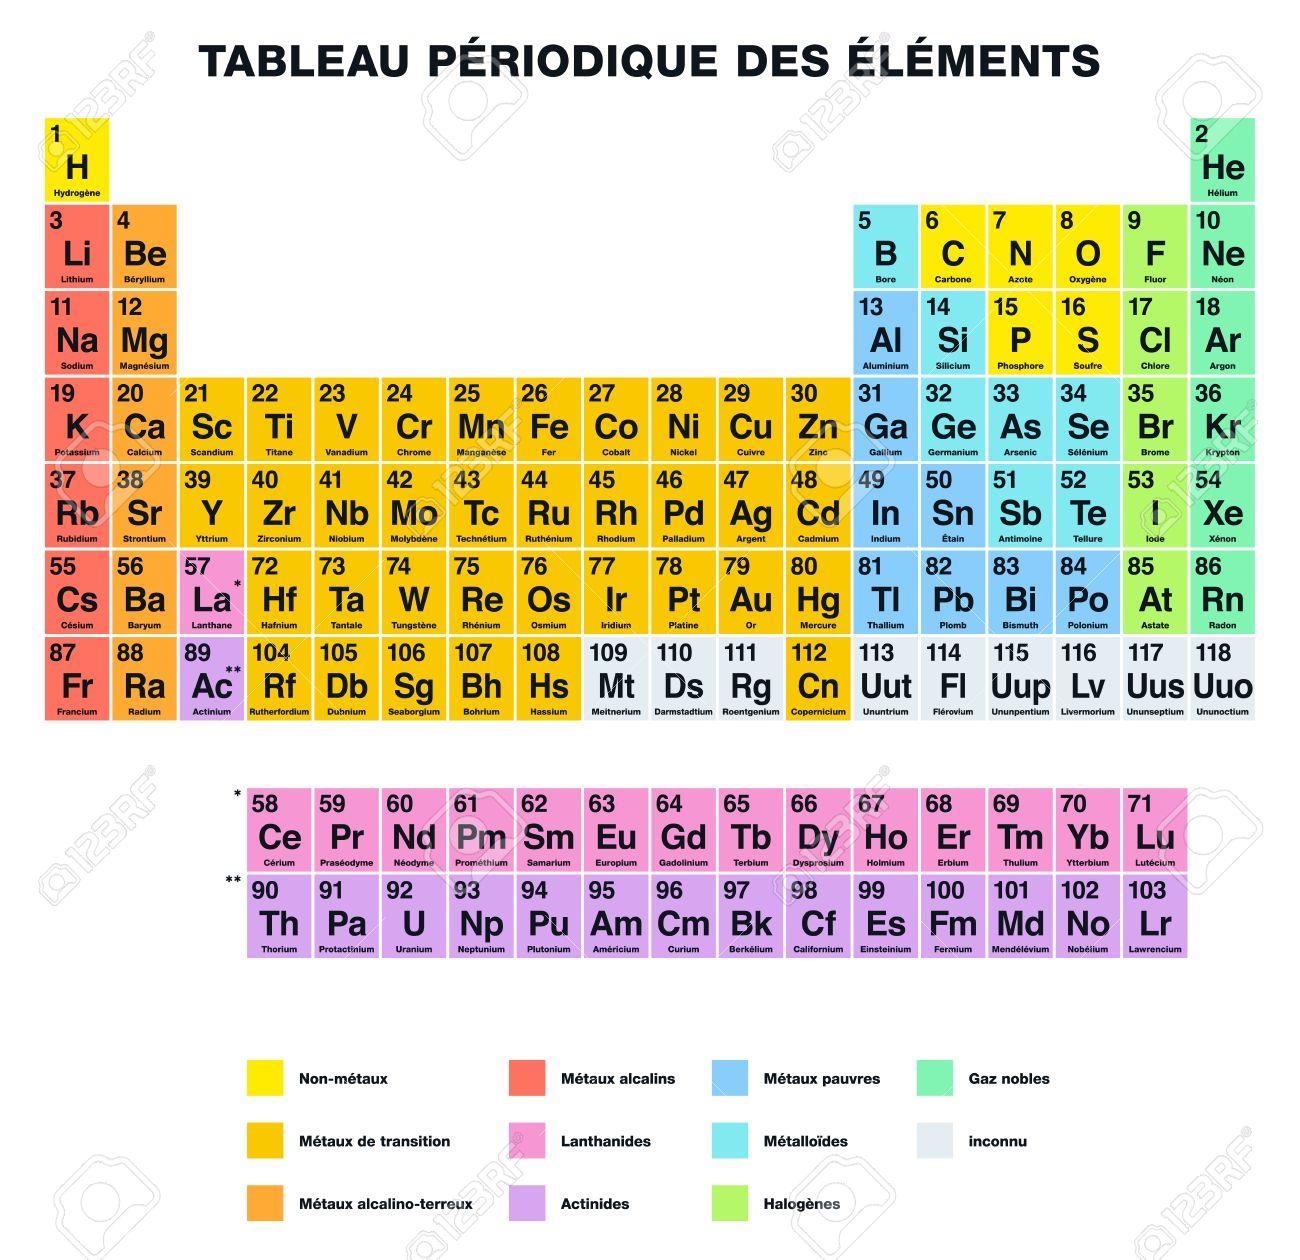 Tabla peridica de los elementos de etiquetado francs disposicin disposicin tabular de los elementos qumicos con sus nmeros atmicos organizados en grupos y familias aislado en el fondo blanco tabla peridica urtaz Gallery